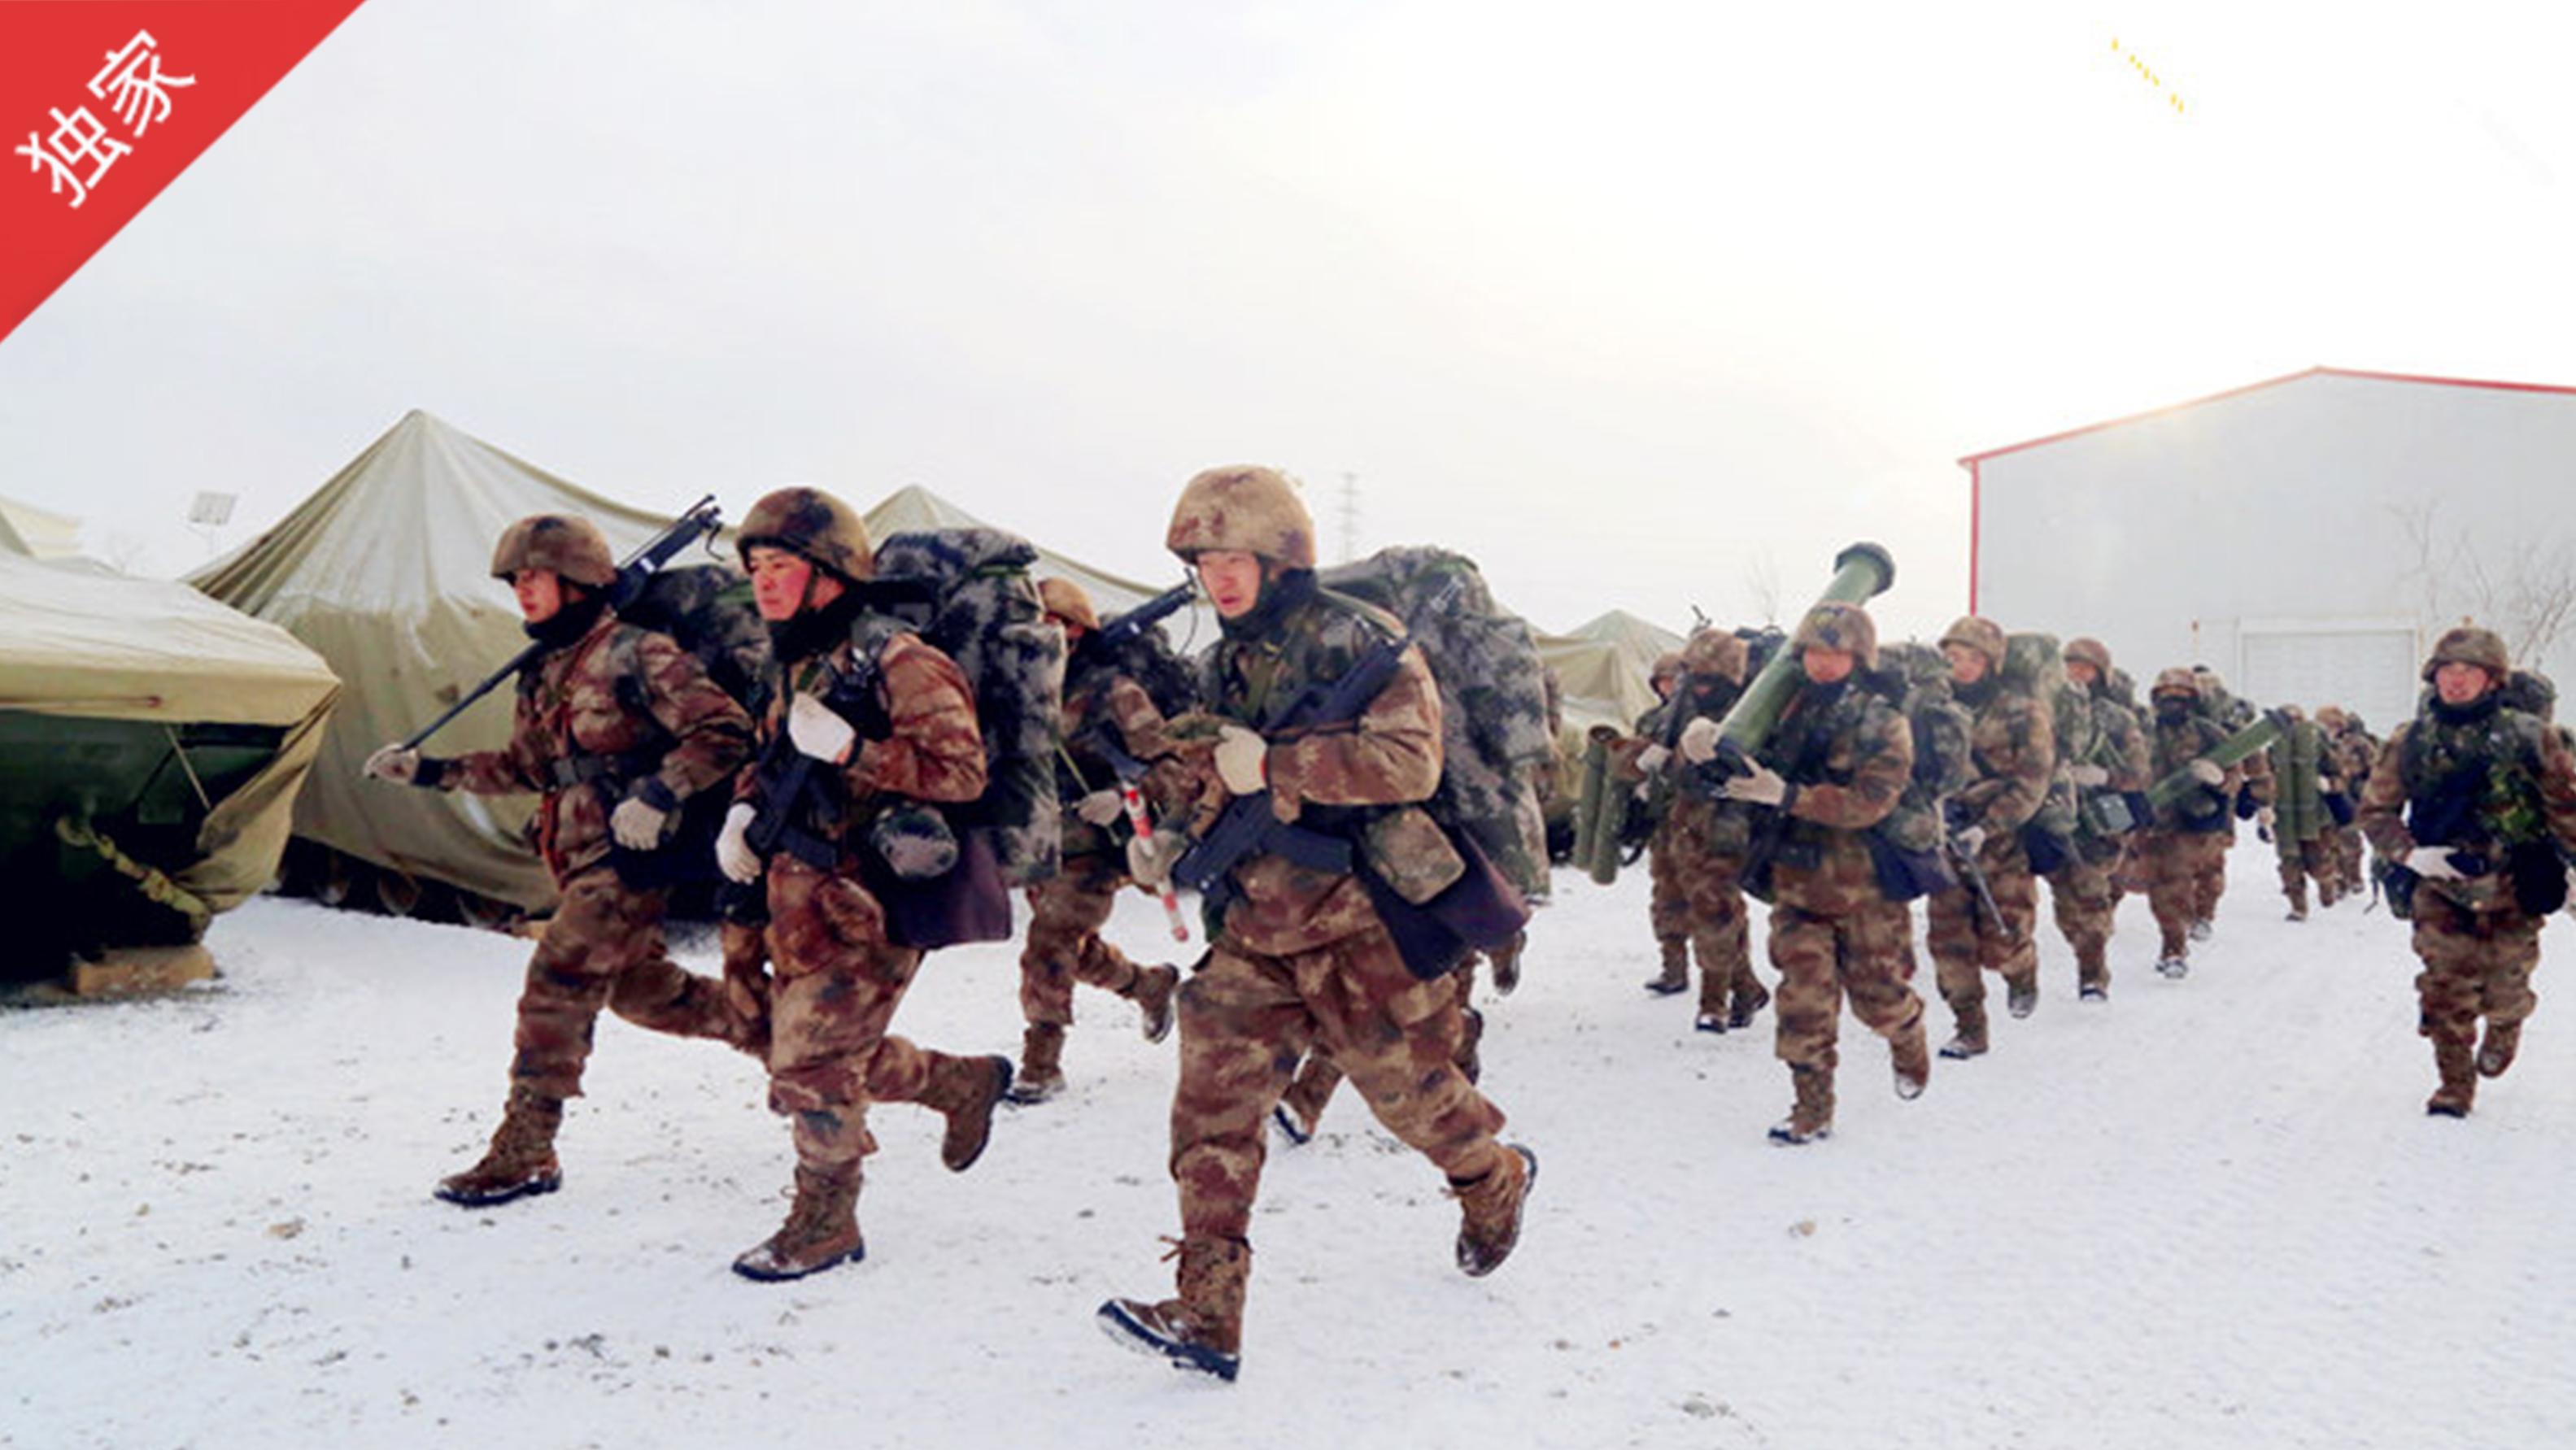 第76集团军:一场异地同步紧急拉动演练